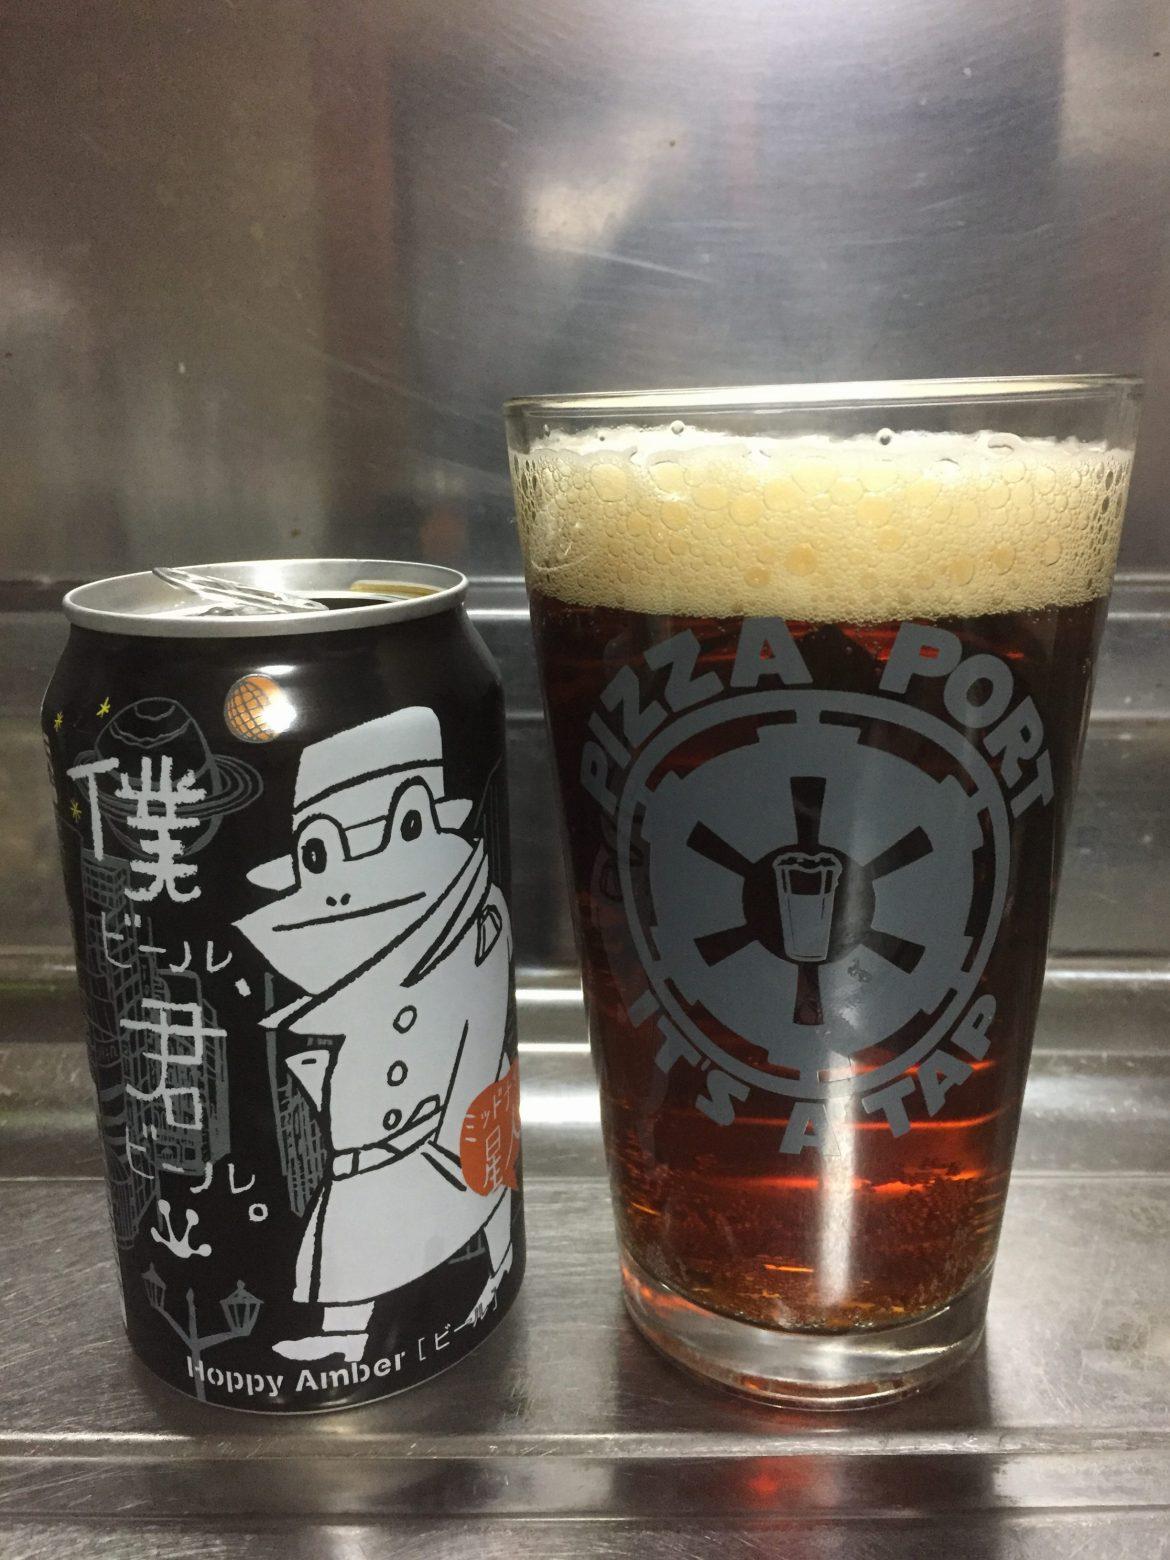 Boku Beer Kimi Beer Midnight Seijin by Yo-Ho Brewing ヤッホー僕ビール君ビールミッドナイト星人